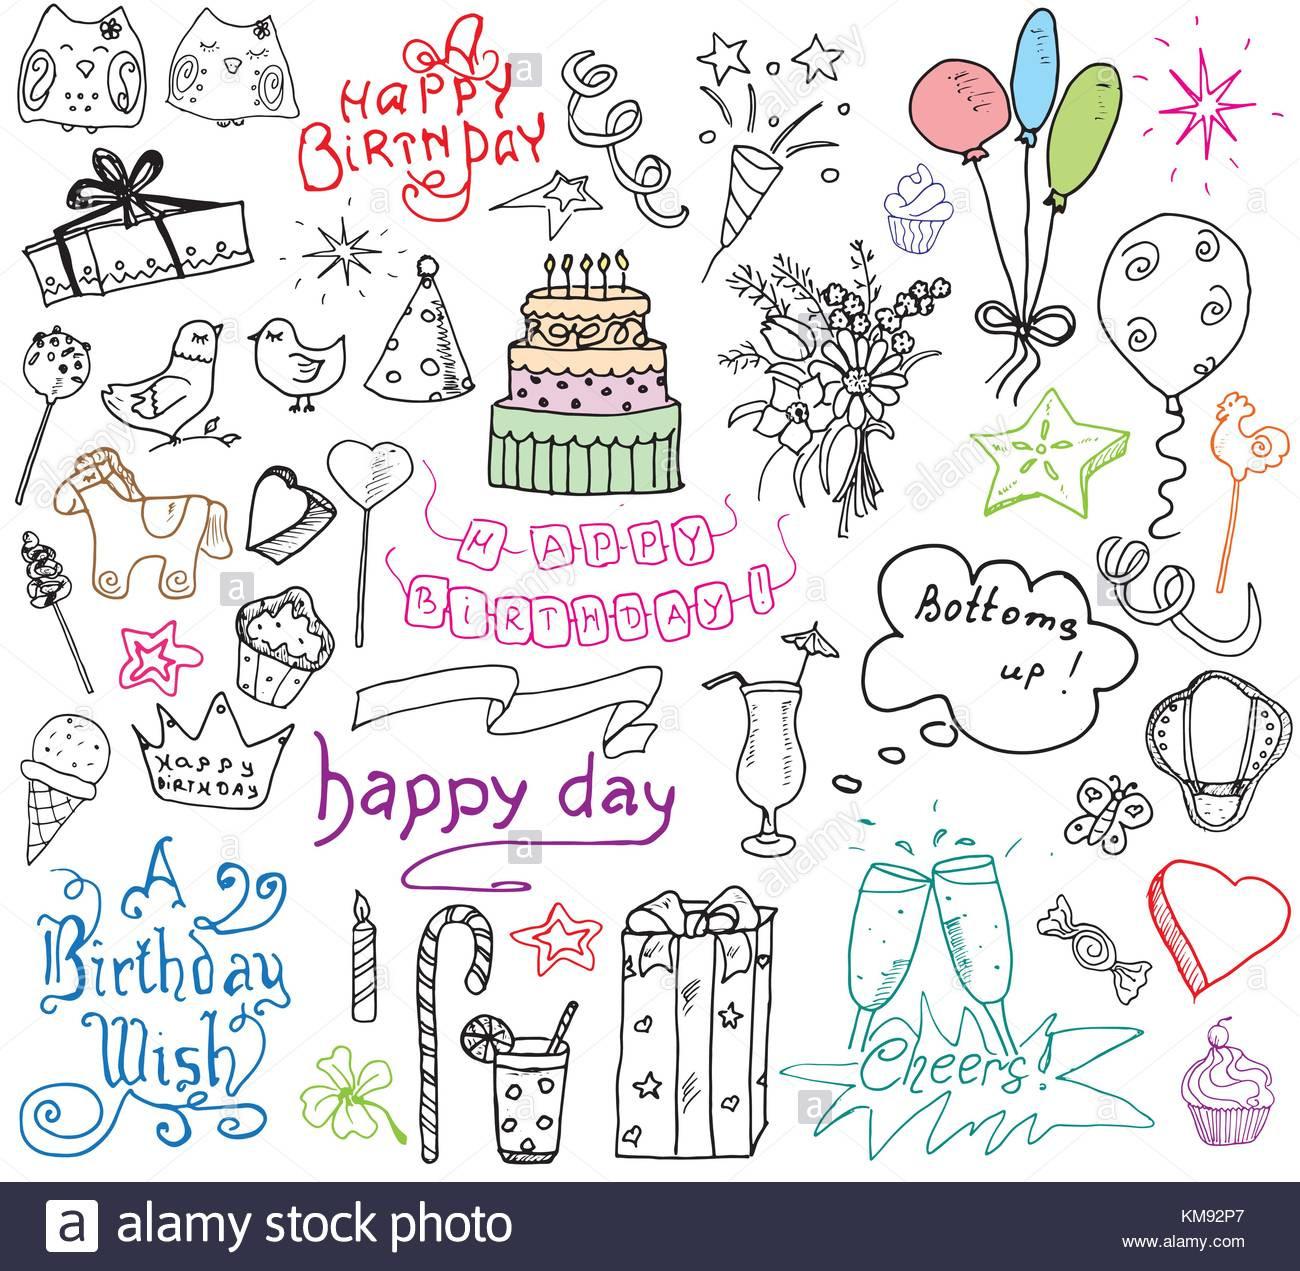 Geburtstagstorte Gezeichnet  Geburtstag Elemente Hand gezeichnet mit Geburtstagstorte